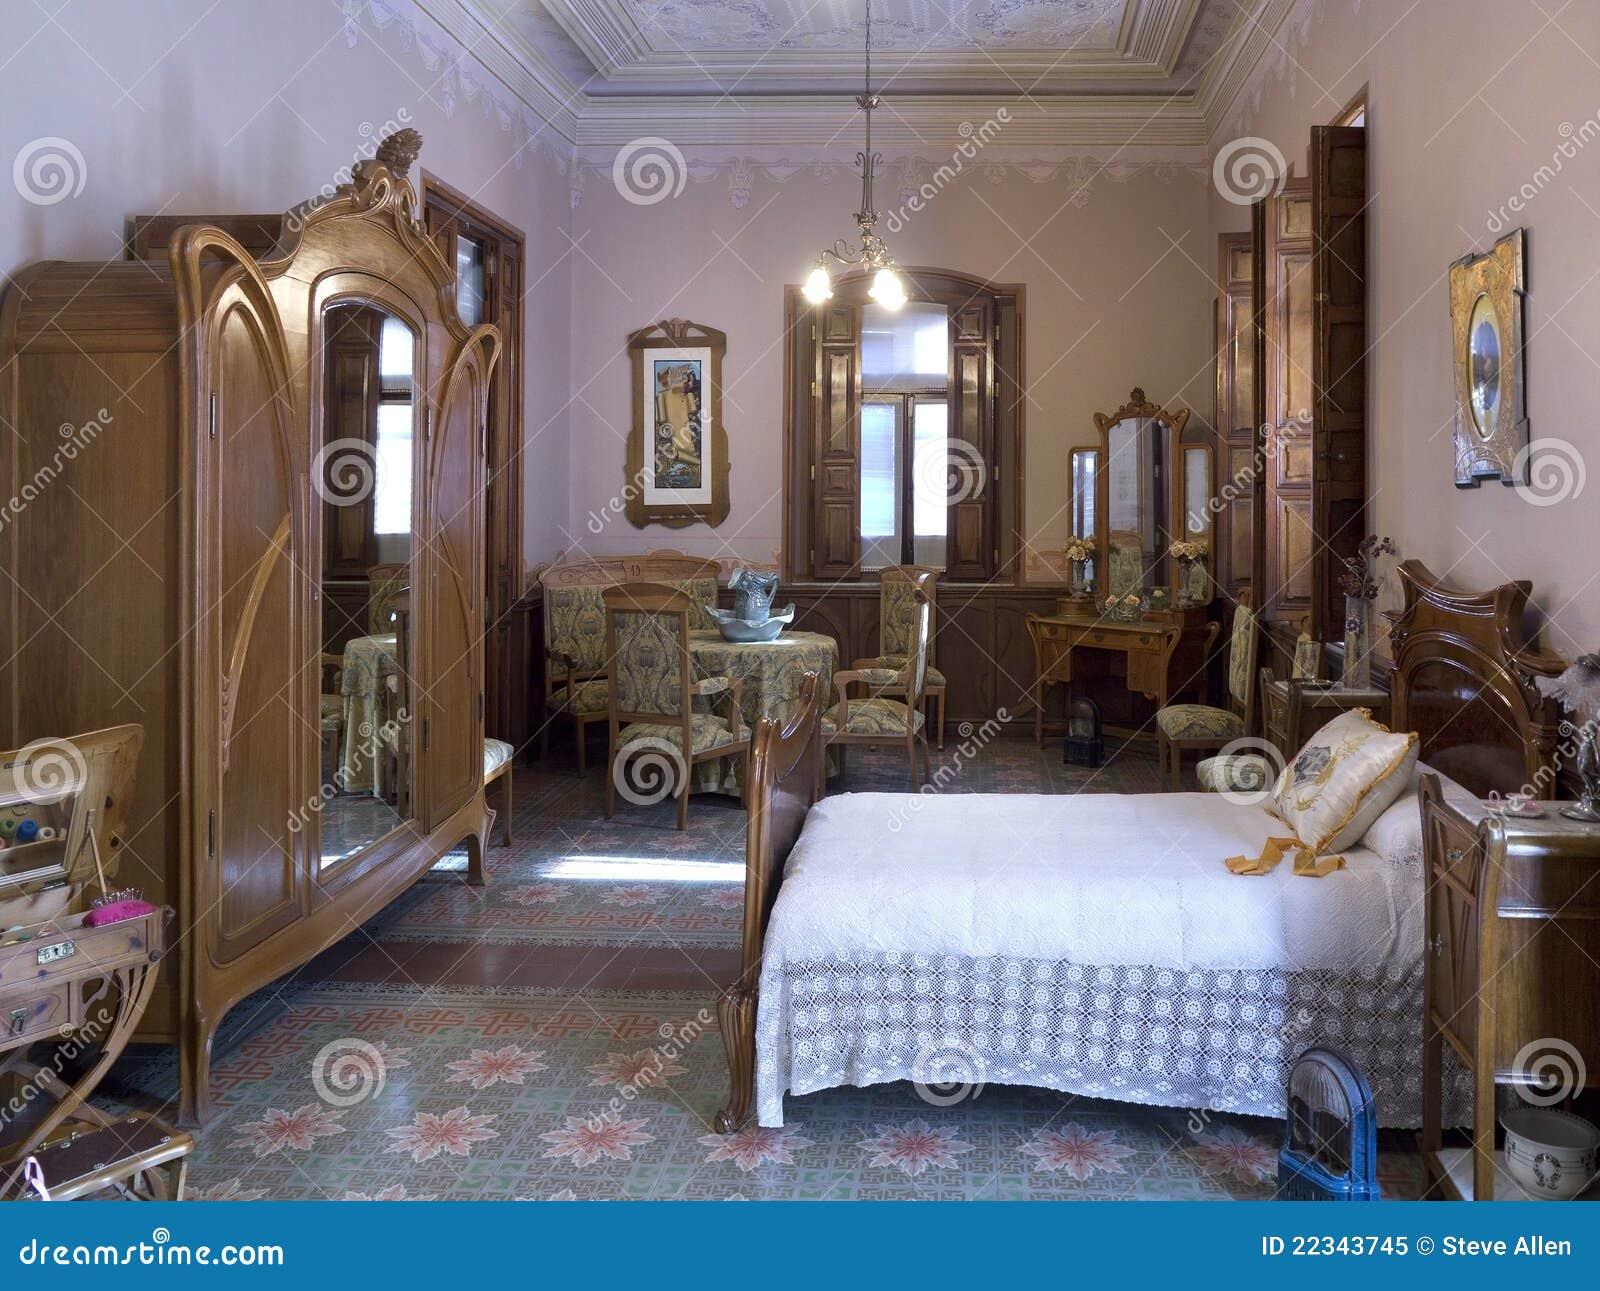 int rieur espagnol de chambre coucher de nouveau d 39 art image ditorial image 22343745. Black Bedroom Furniture Sets. Home Design Ideas